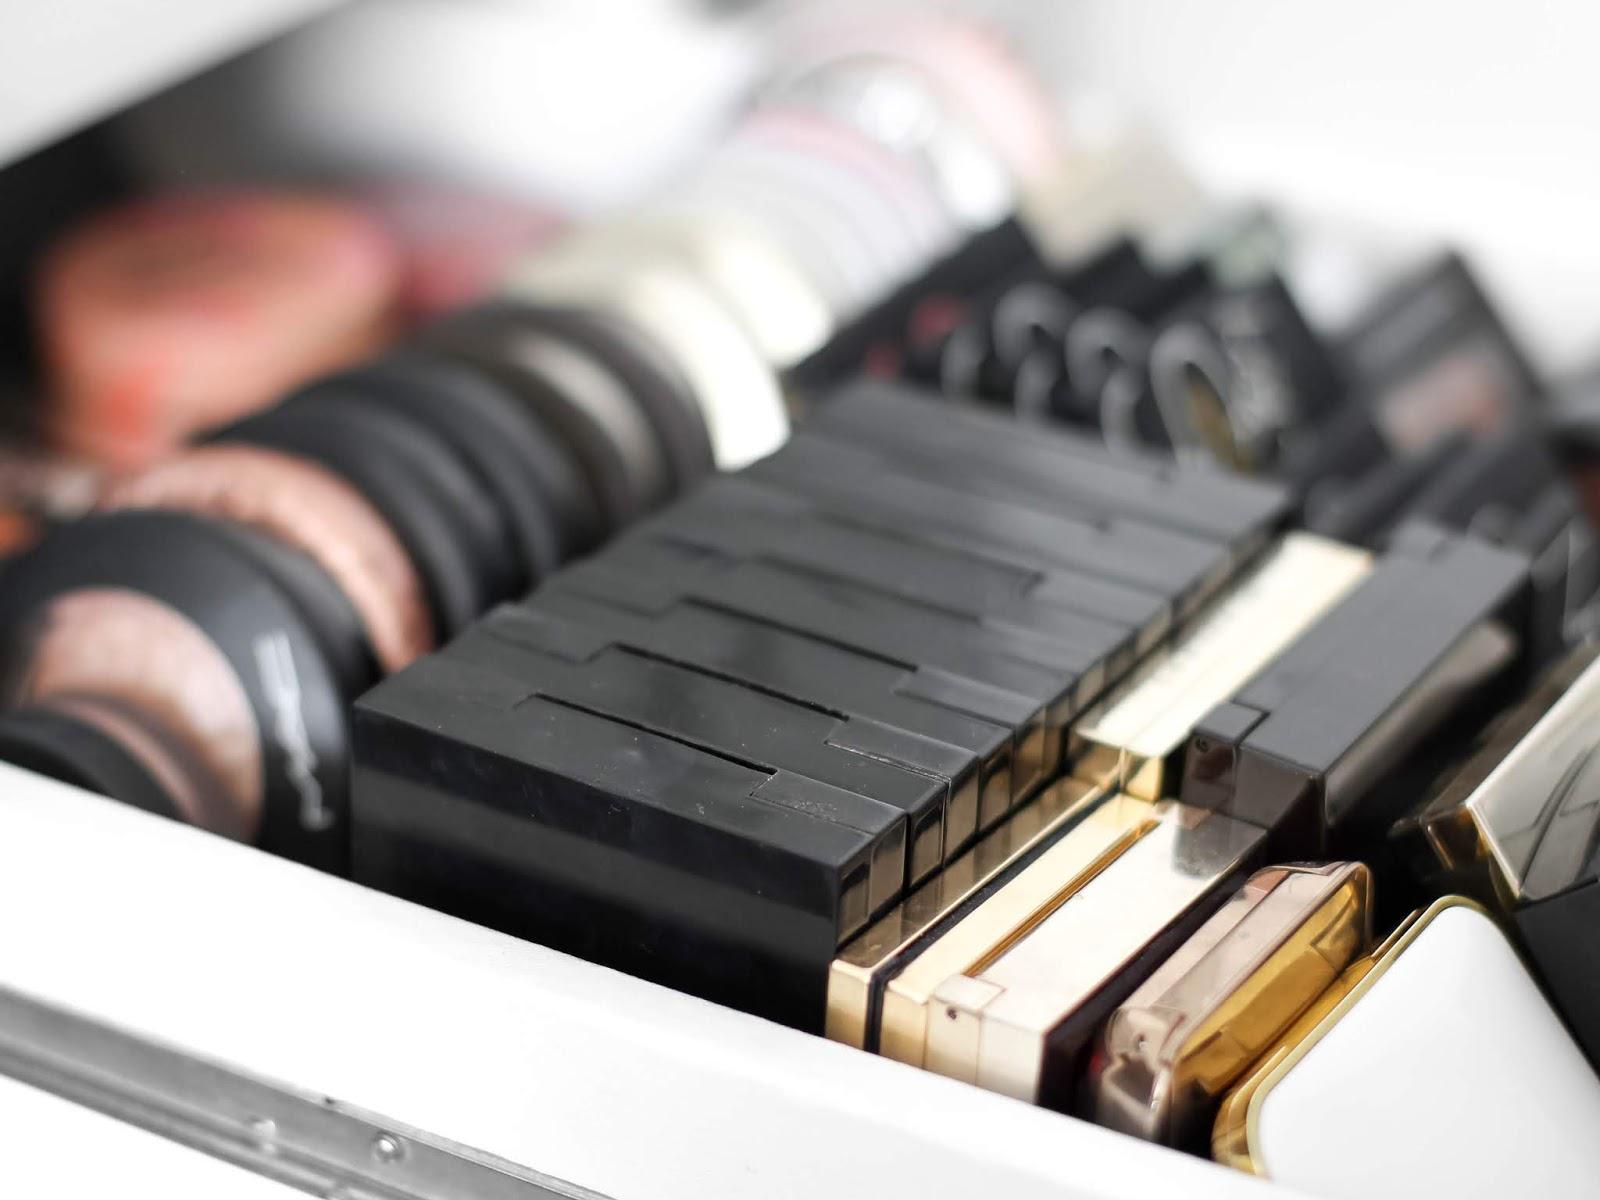 šuplík s kosmetikou elbeautyblog